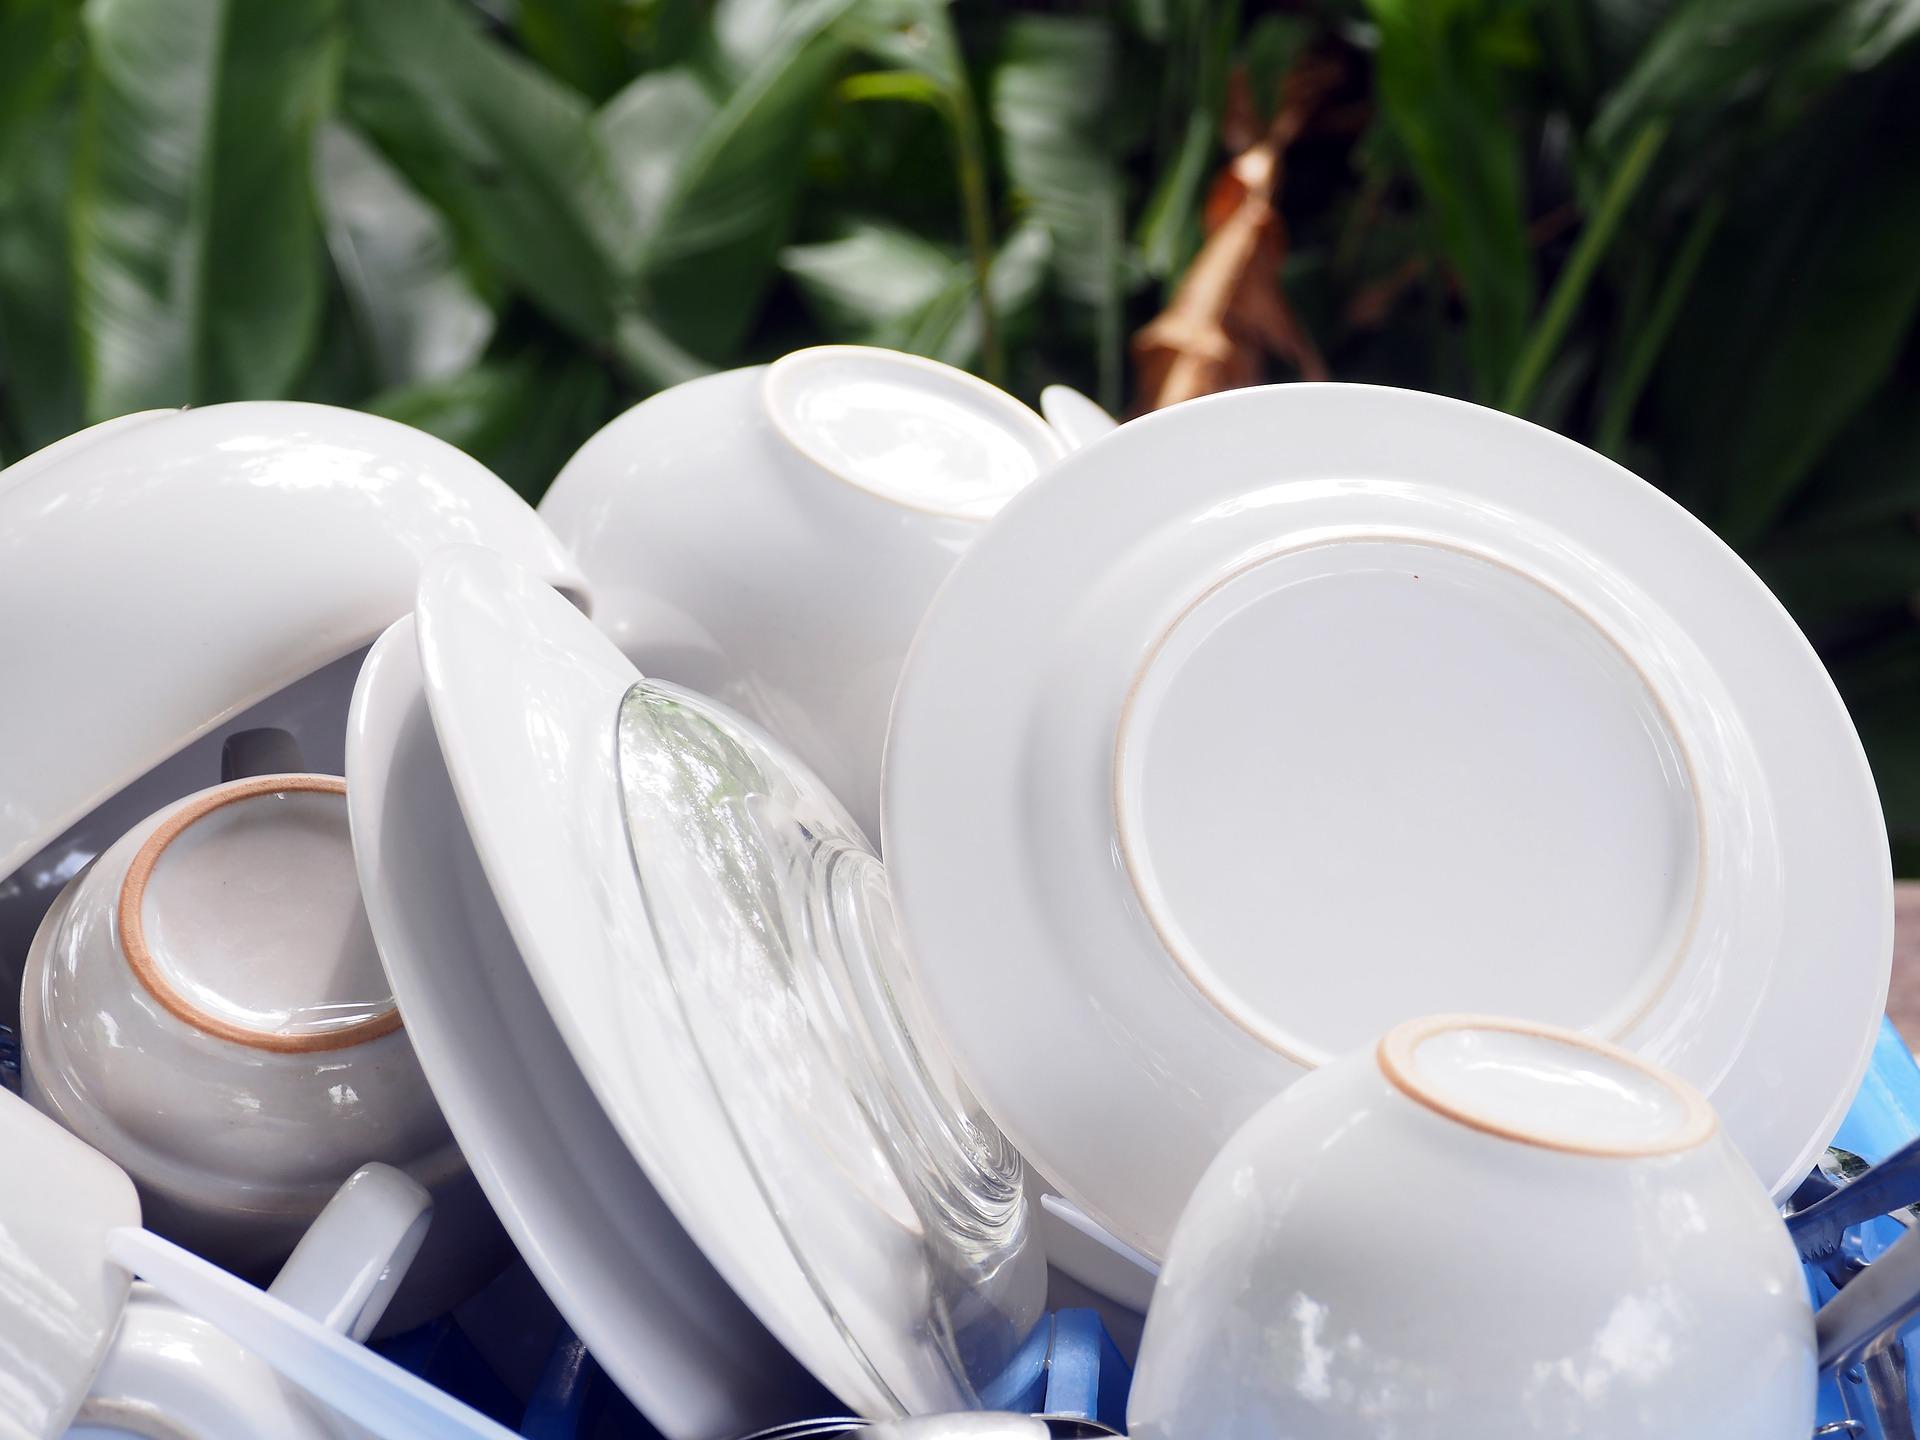 Weißes Geschirr, Tassen und Teller